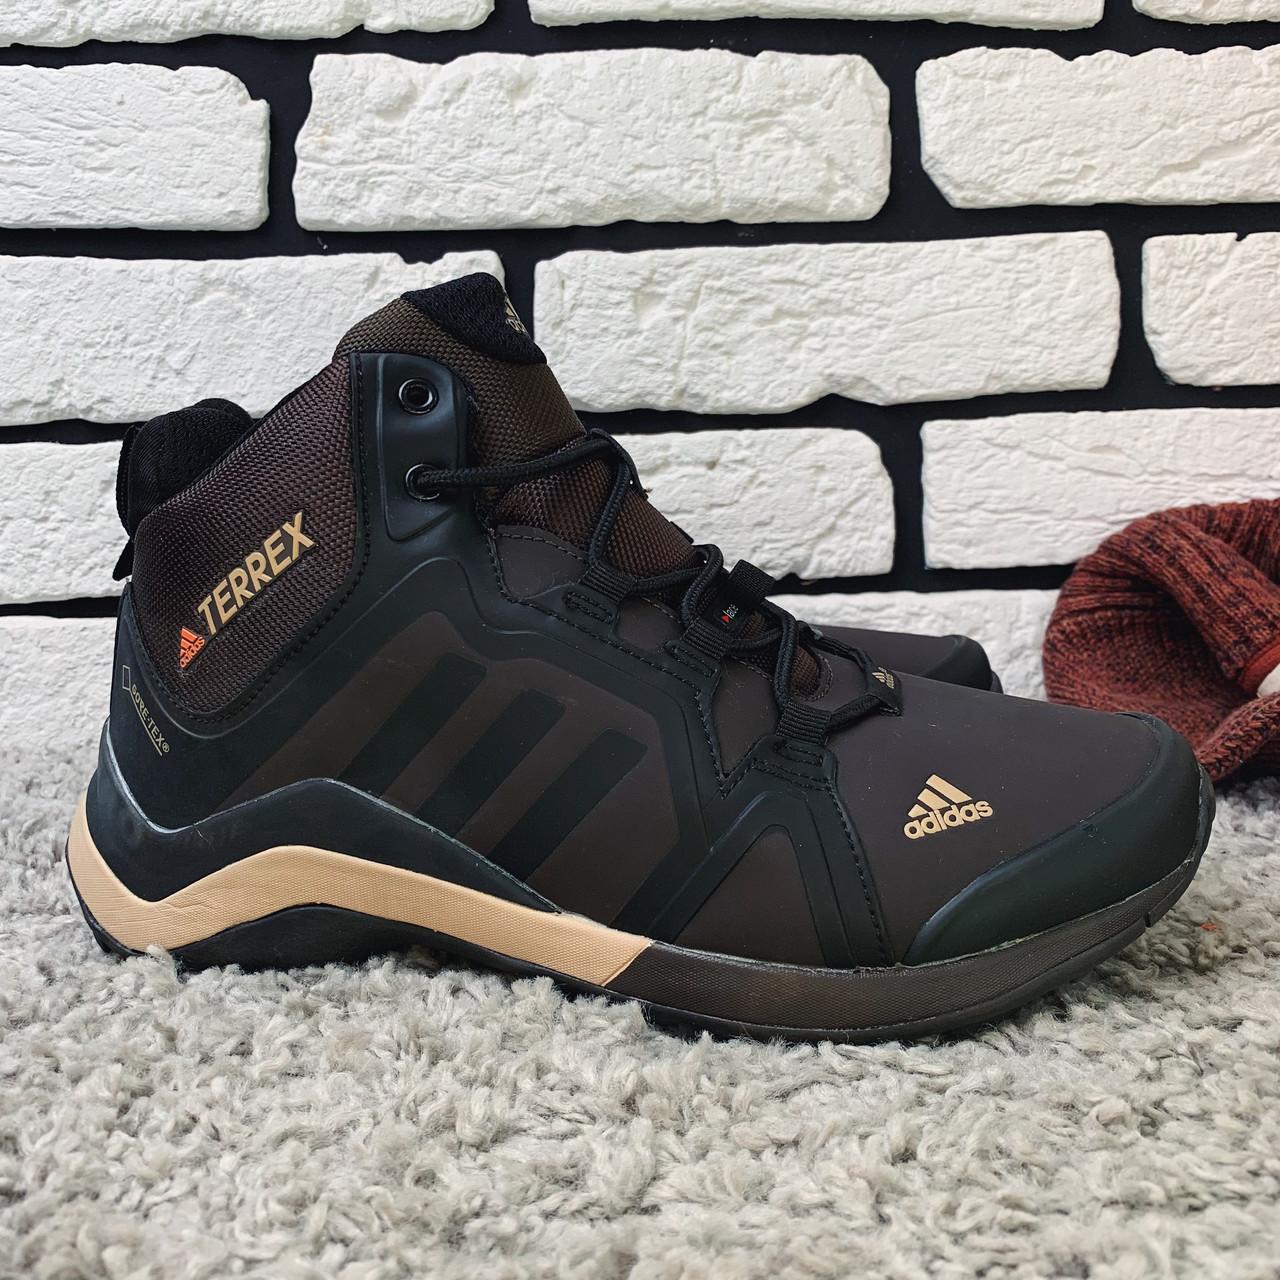 Зимние ботинки (на меху) мужские Adidas TERREX 3-175 ⏩ [ 41,43,43,44,44,45,46 ]